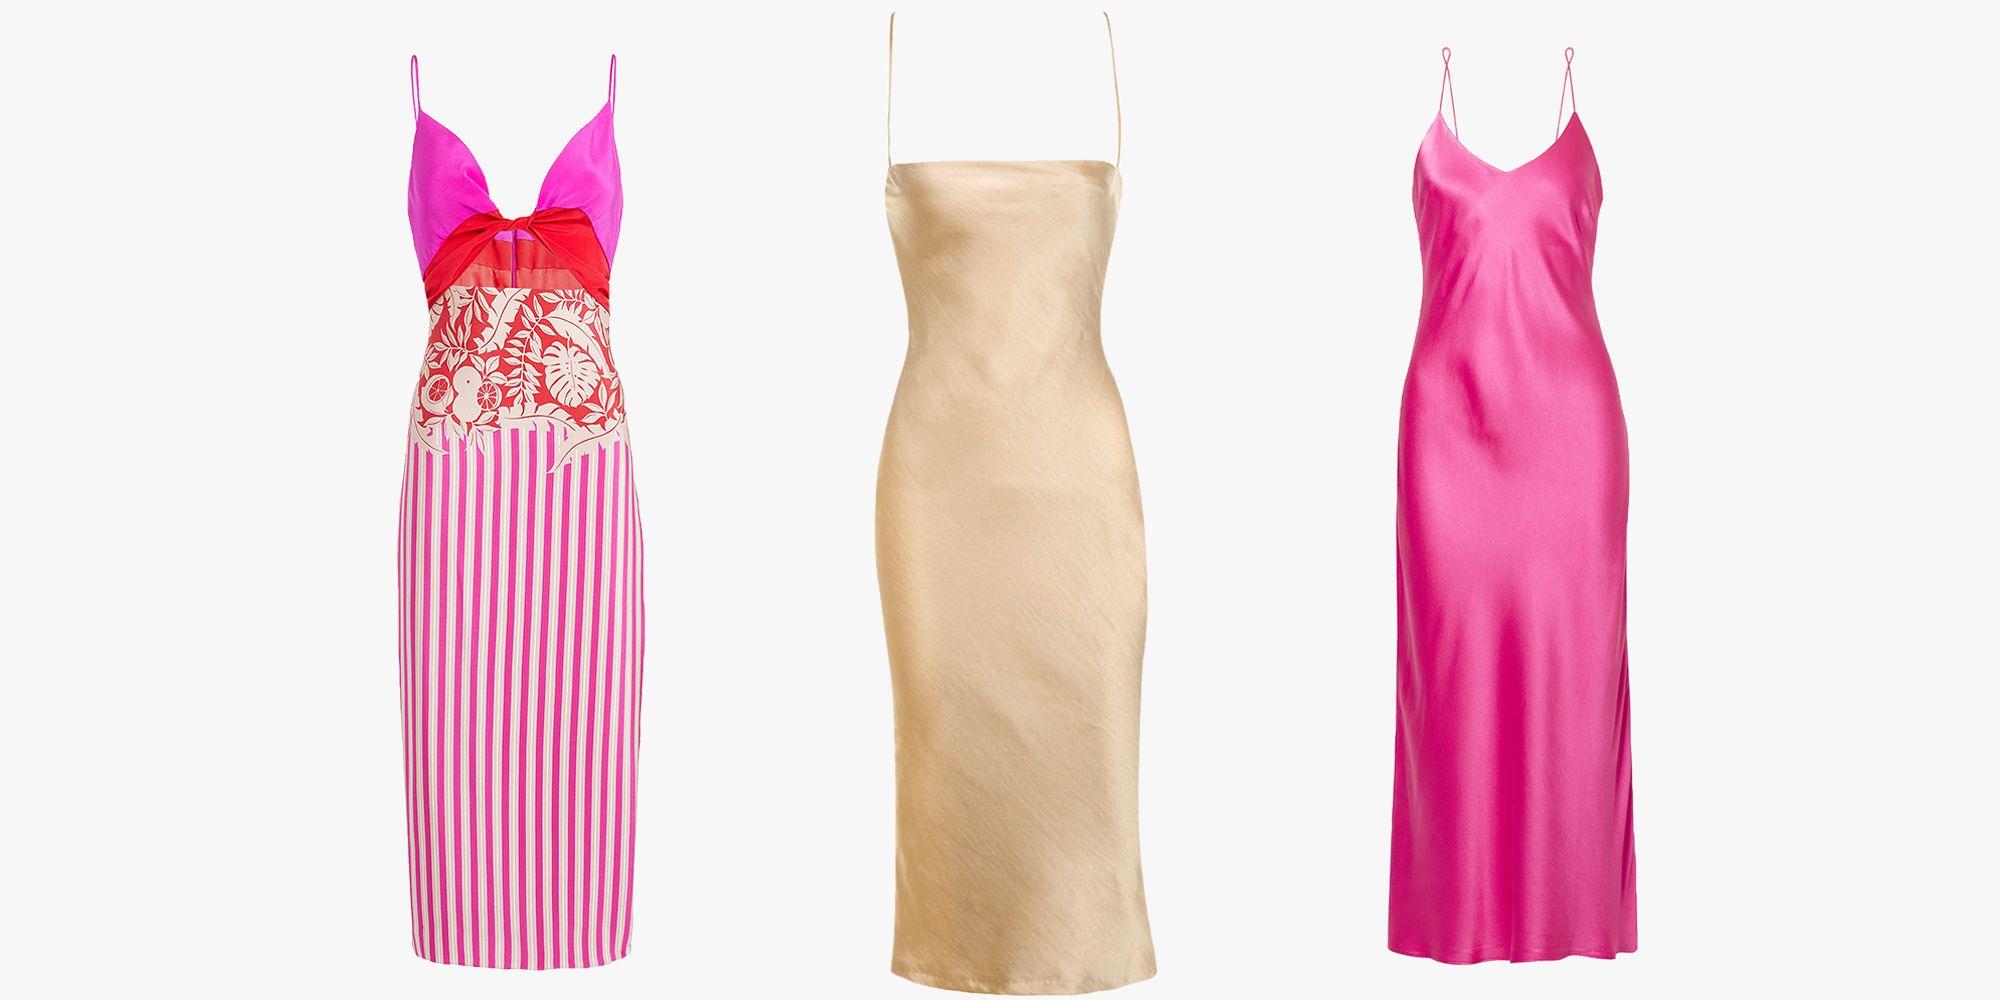 385be4735aeeb 12 Slip Dresses for Summer 2019 - Best Slip Dresses and Chemises